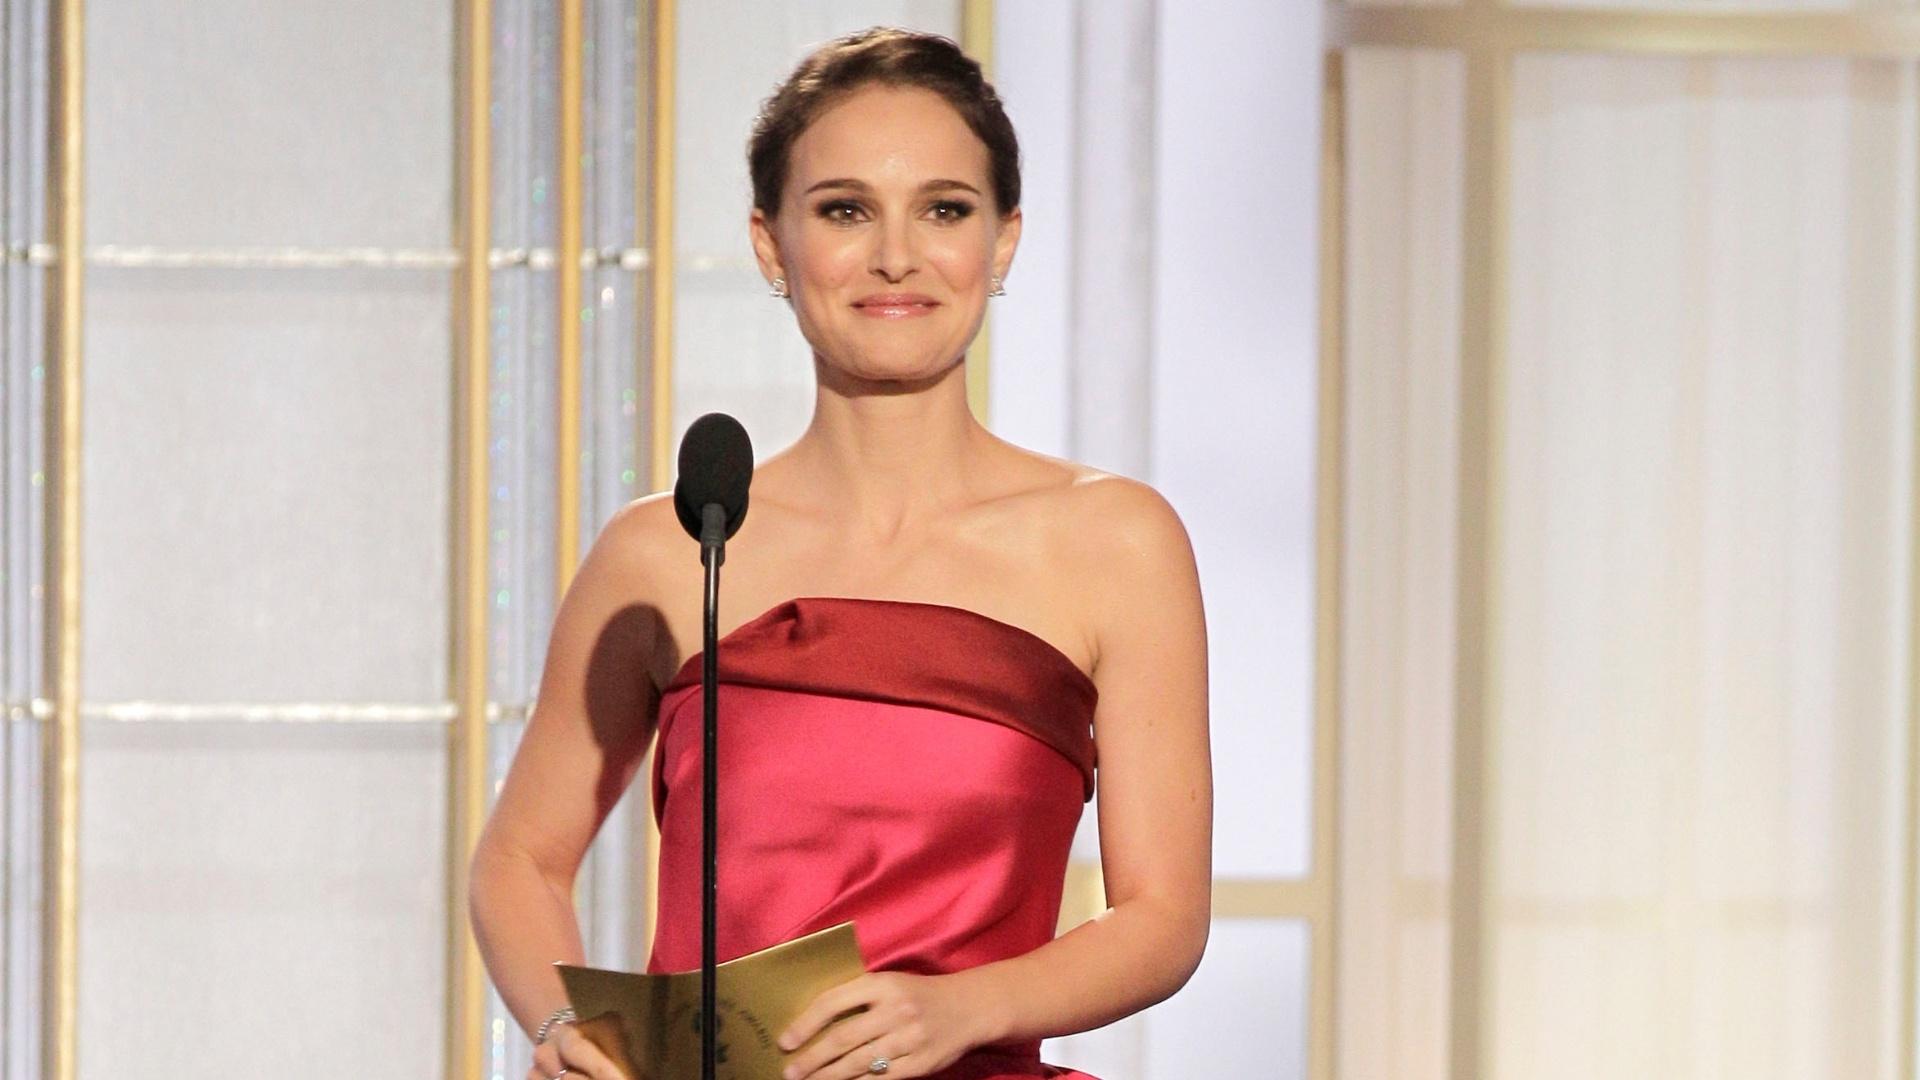 Natalie Portman apresentou o prêmio de melhor ator de drama em cinema e também virou alvo de Ricky Gervais: